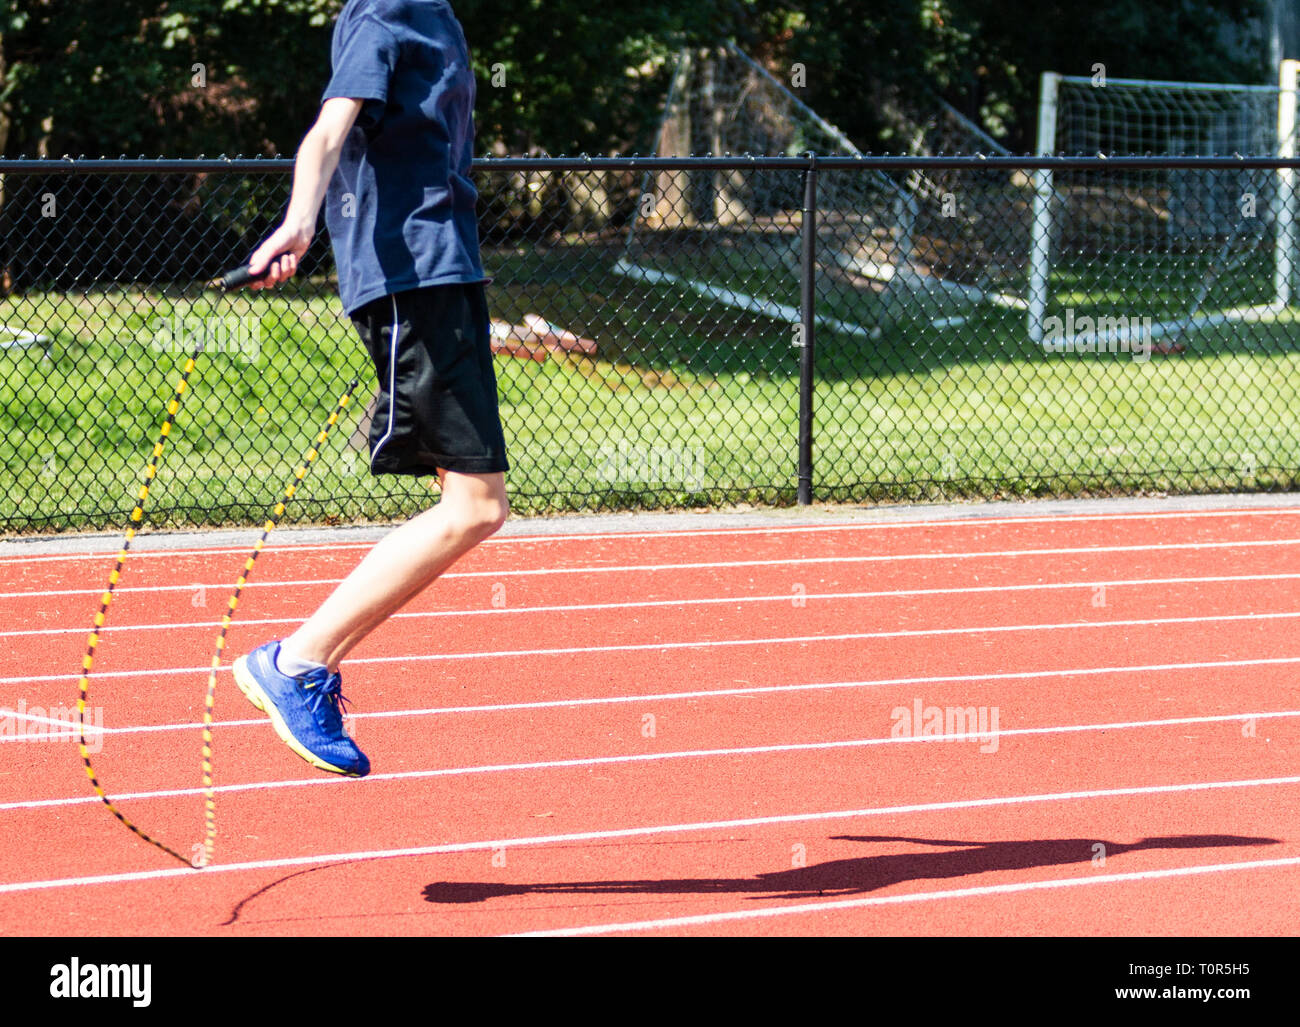 Une école runner est une formation polyvalente en sautant à la corde sur une piste à la fin de l'été. Photo Stock